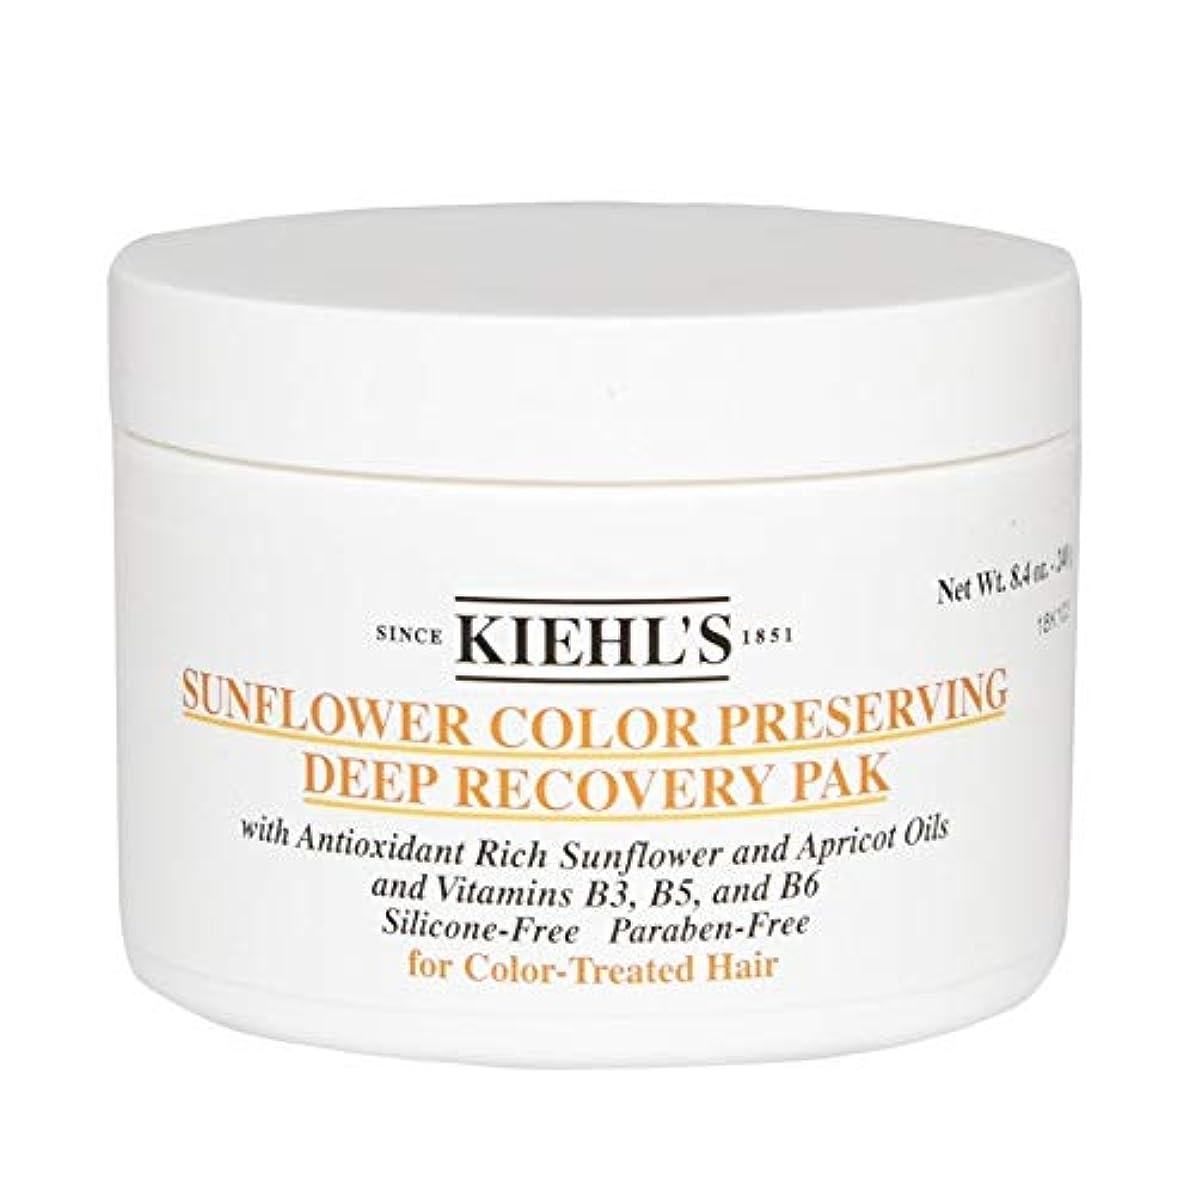 申し込むペネロペ利用可能[Kiehl's ] キールズひまわり色保存深い回復Pak 250グラム - Kiehl's Sunflower Colour Preserving Deep Recovery Pak 250g [並行輸入品]